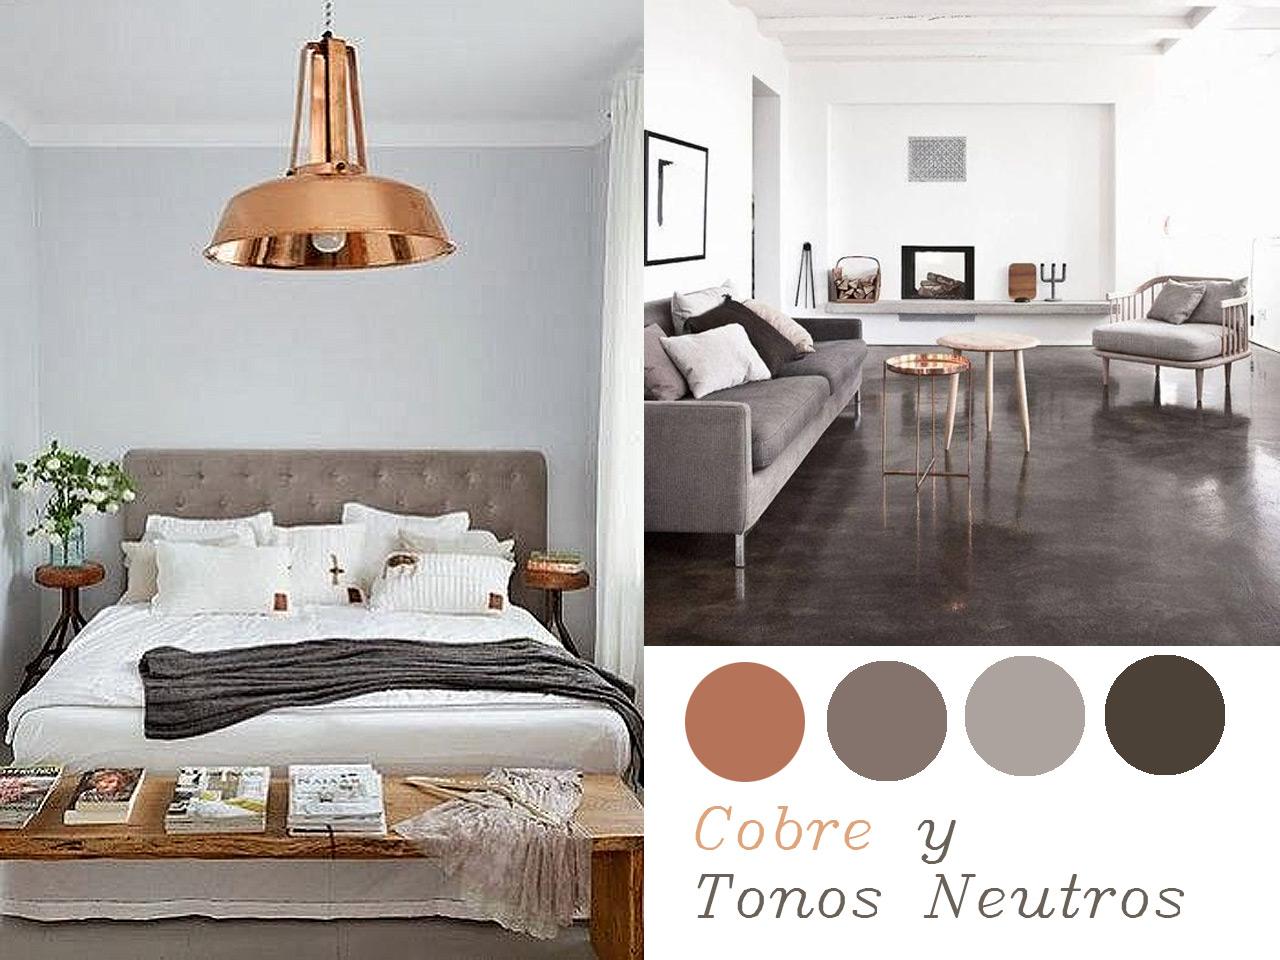 14 combinaciones impactantes de decoraci n con cobre - Adornos metalicos para pared ...